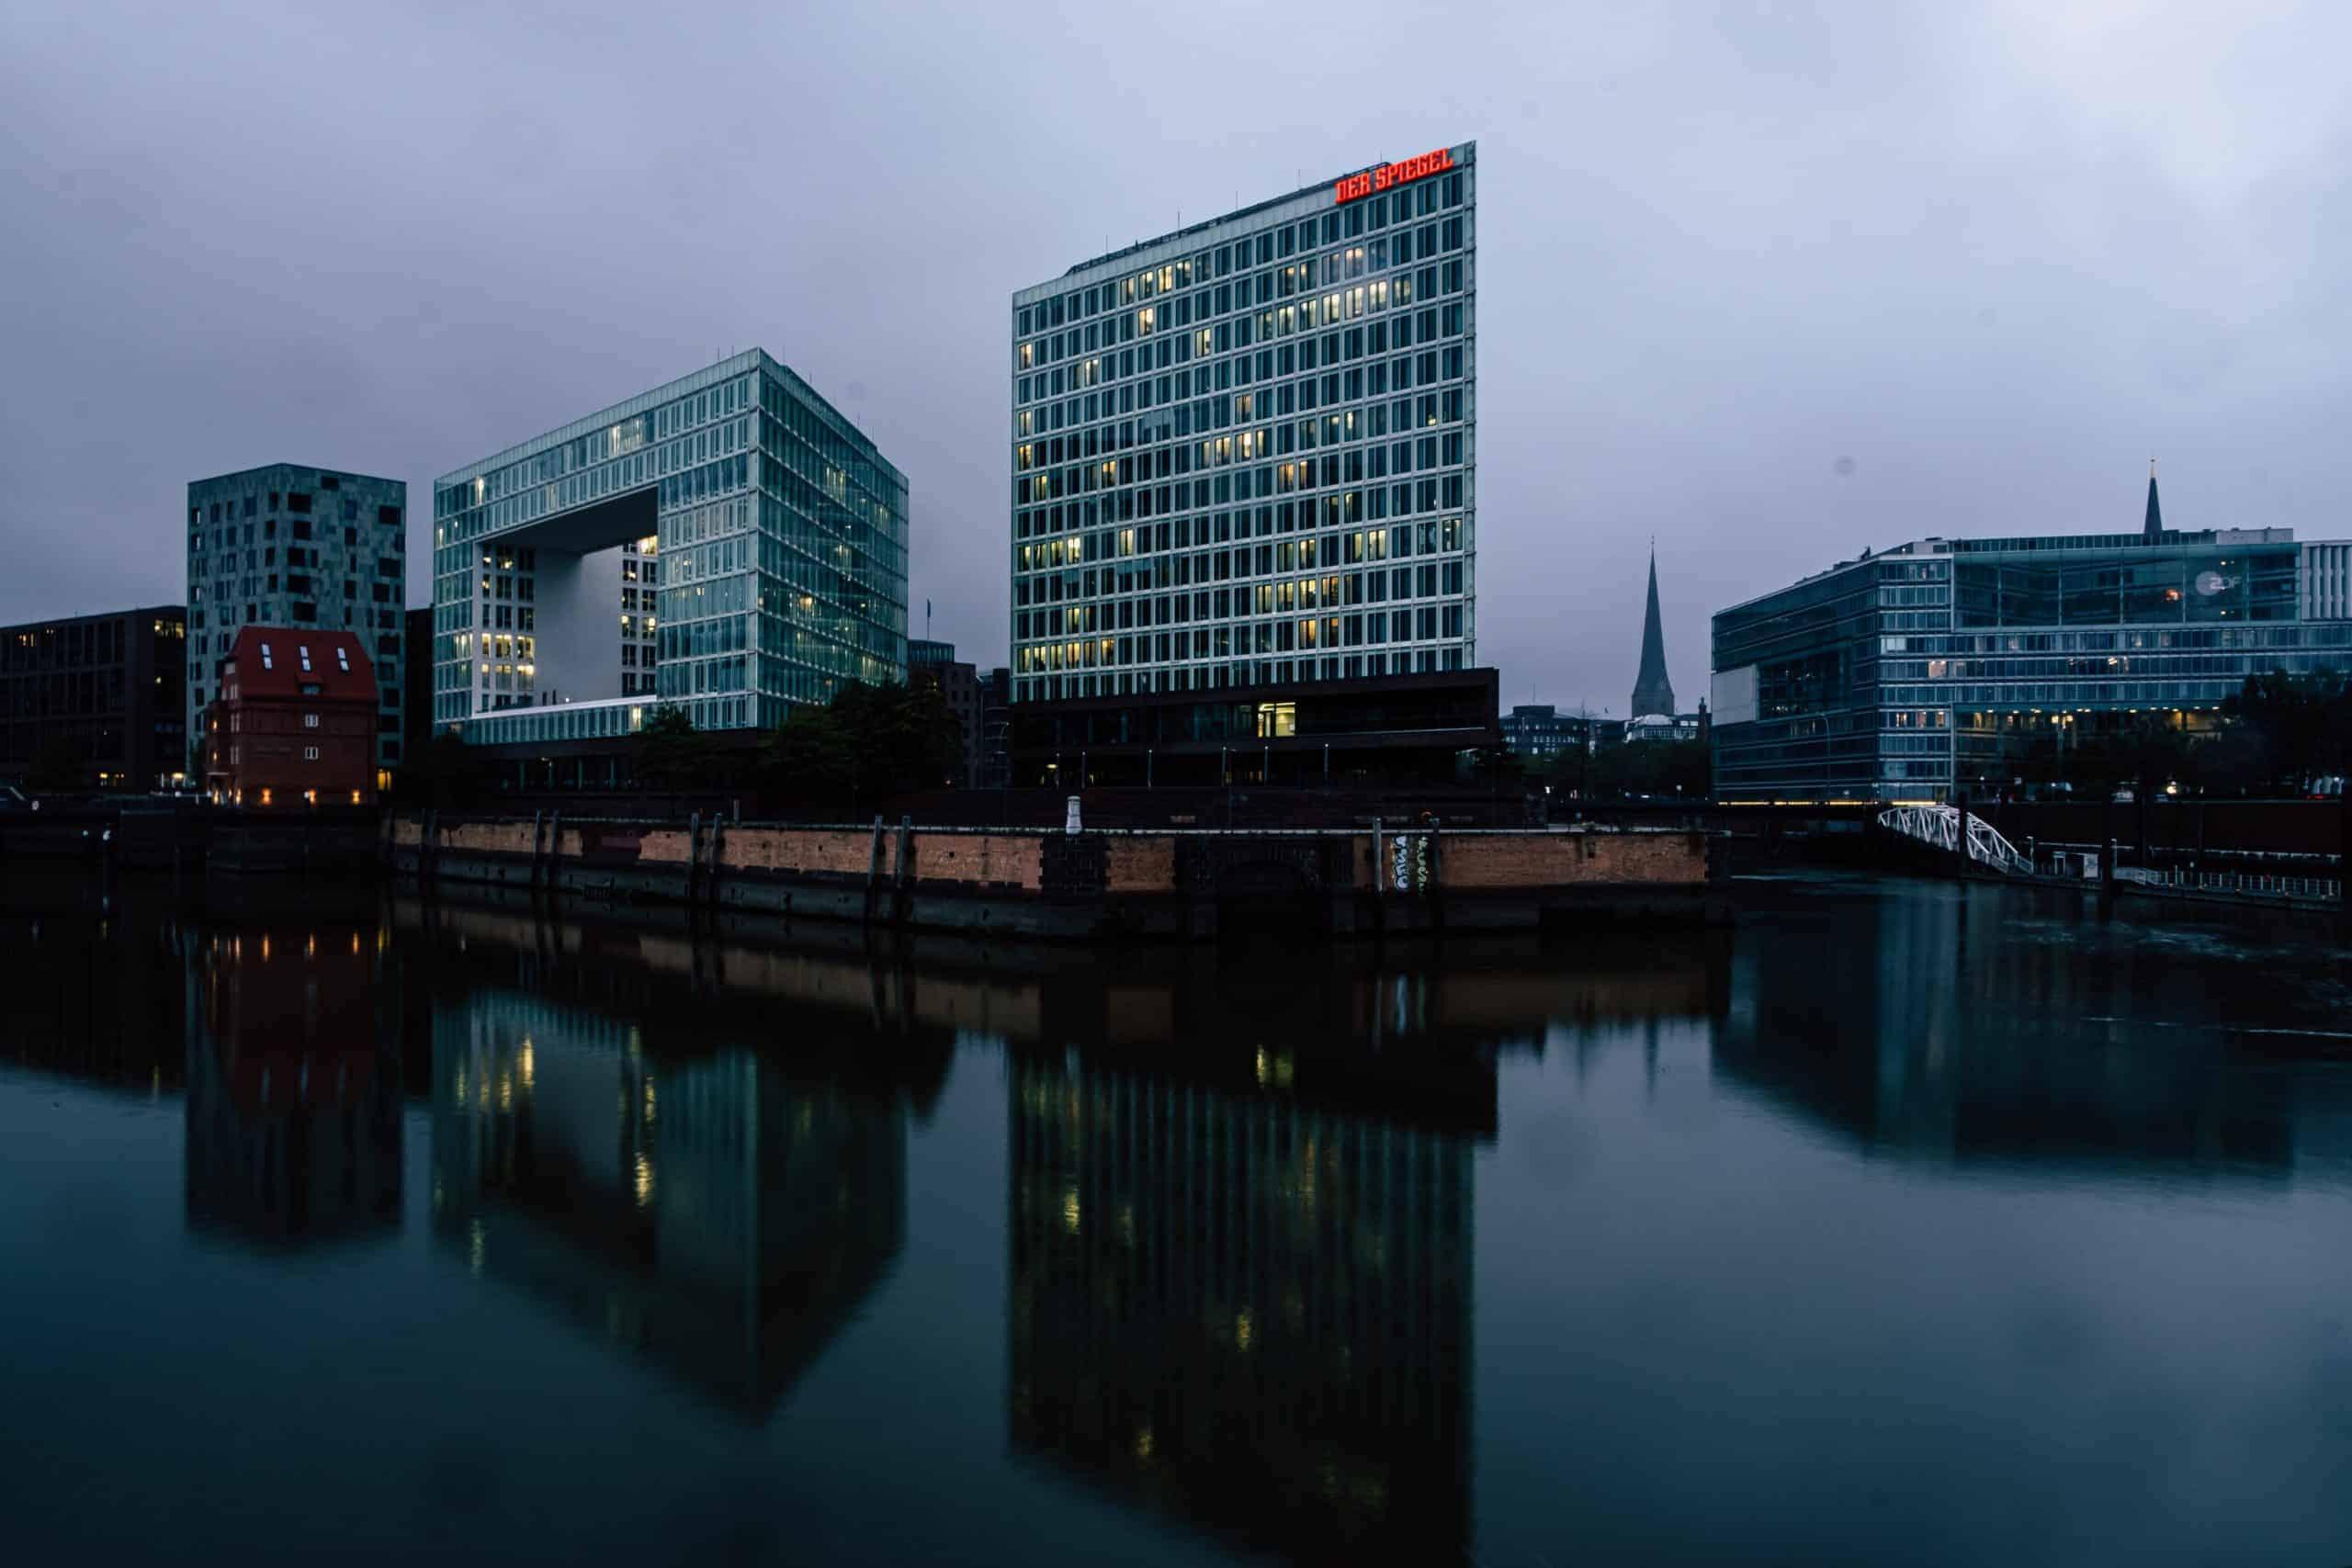 Liste der 3 größten Pharmaunternehmen in Hamburg